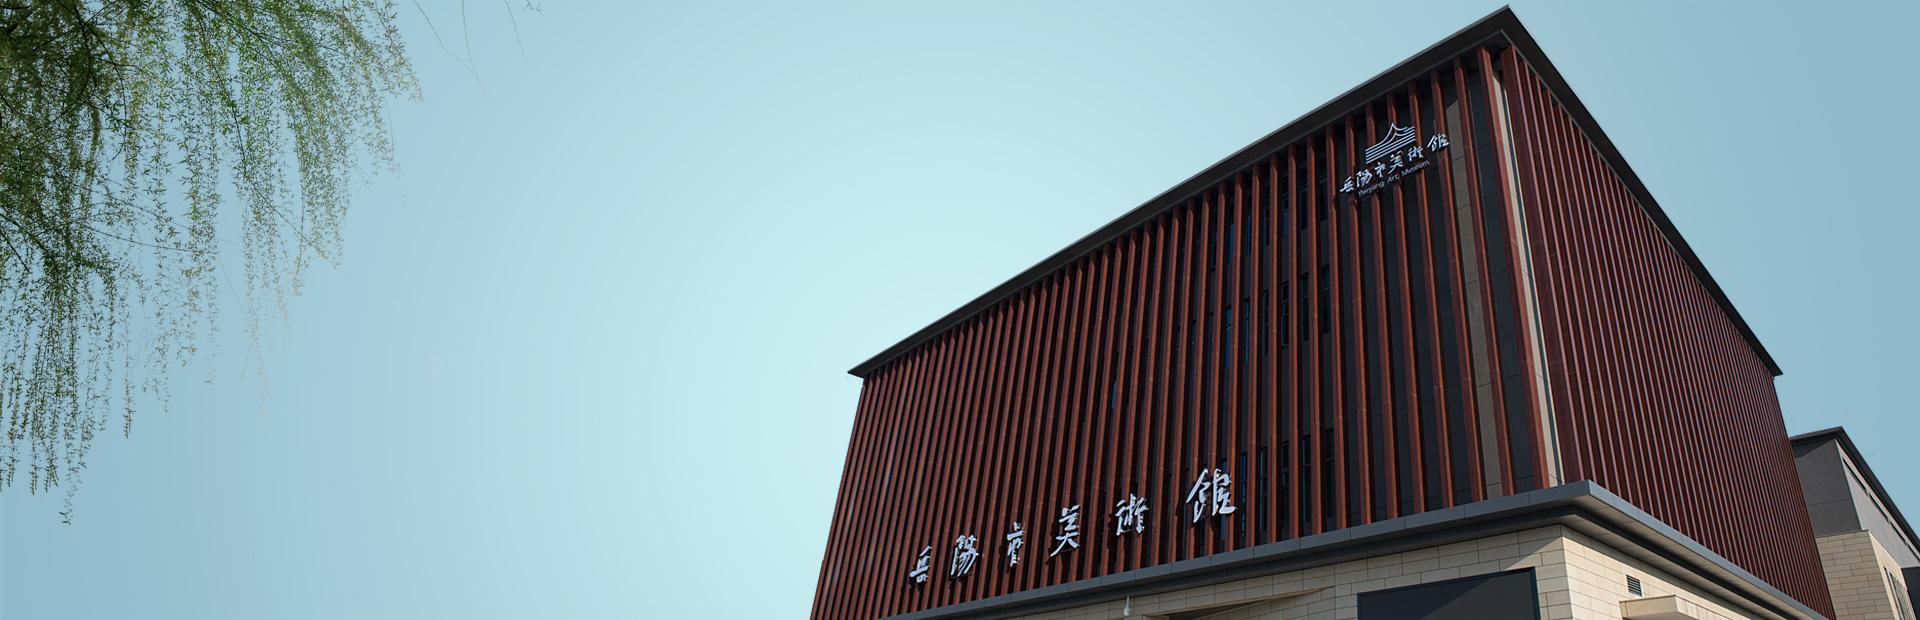 岳阳市美术馆